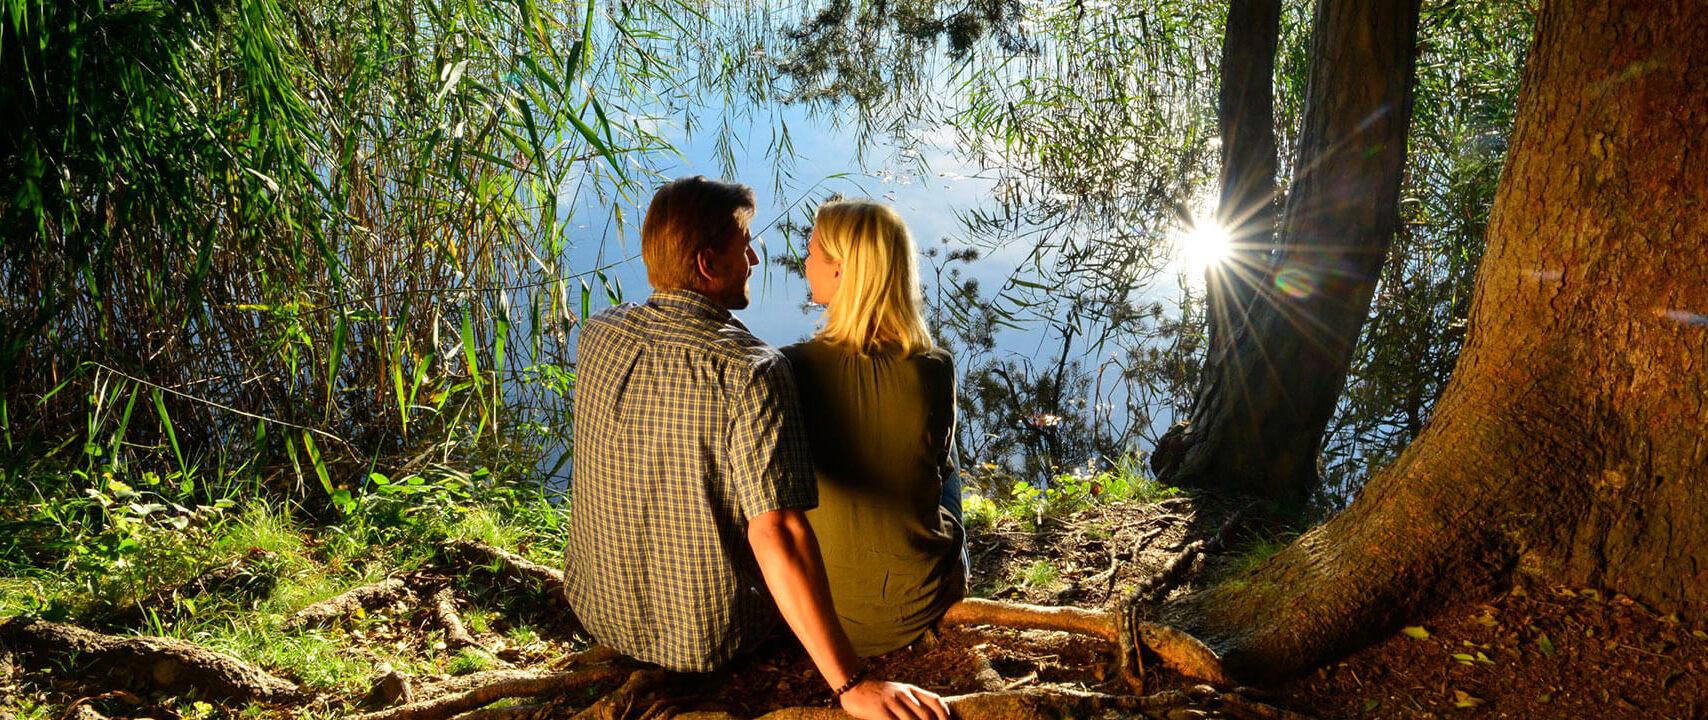 Kontaktanzeigen Kramsach (Kufstein) | Locanto Dating